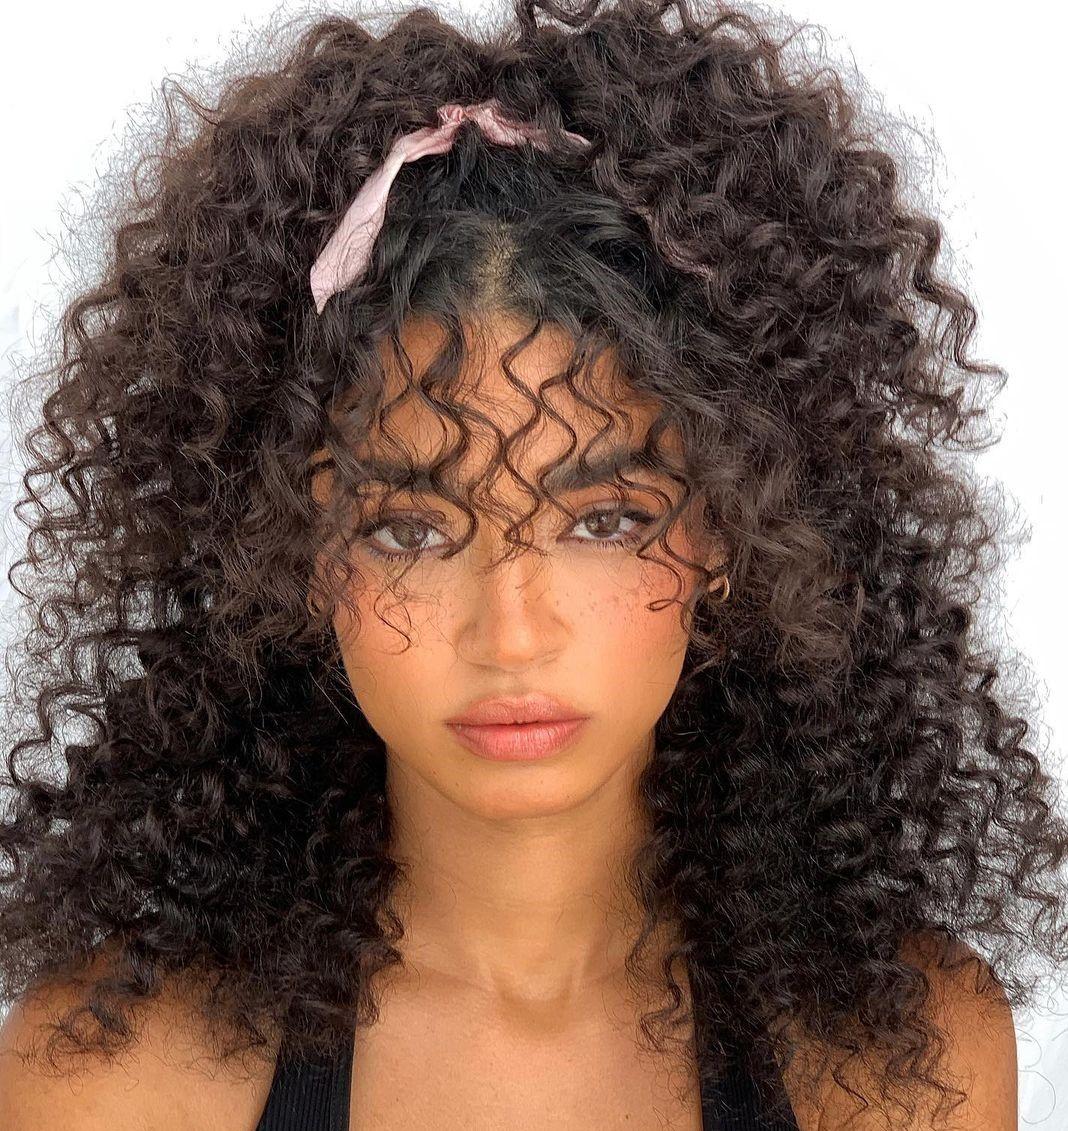 تسريحة الشعر الكيرلي نصف المرفوعة (الصورة من إنستغرام)